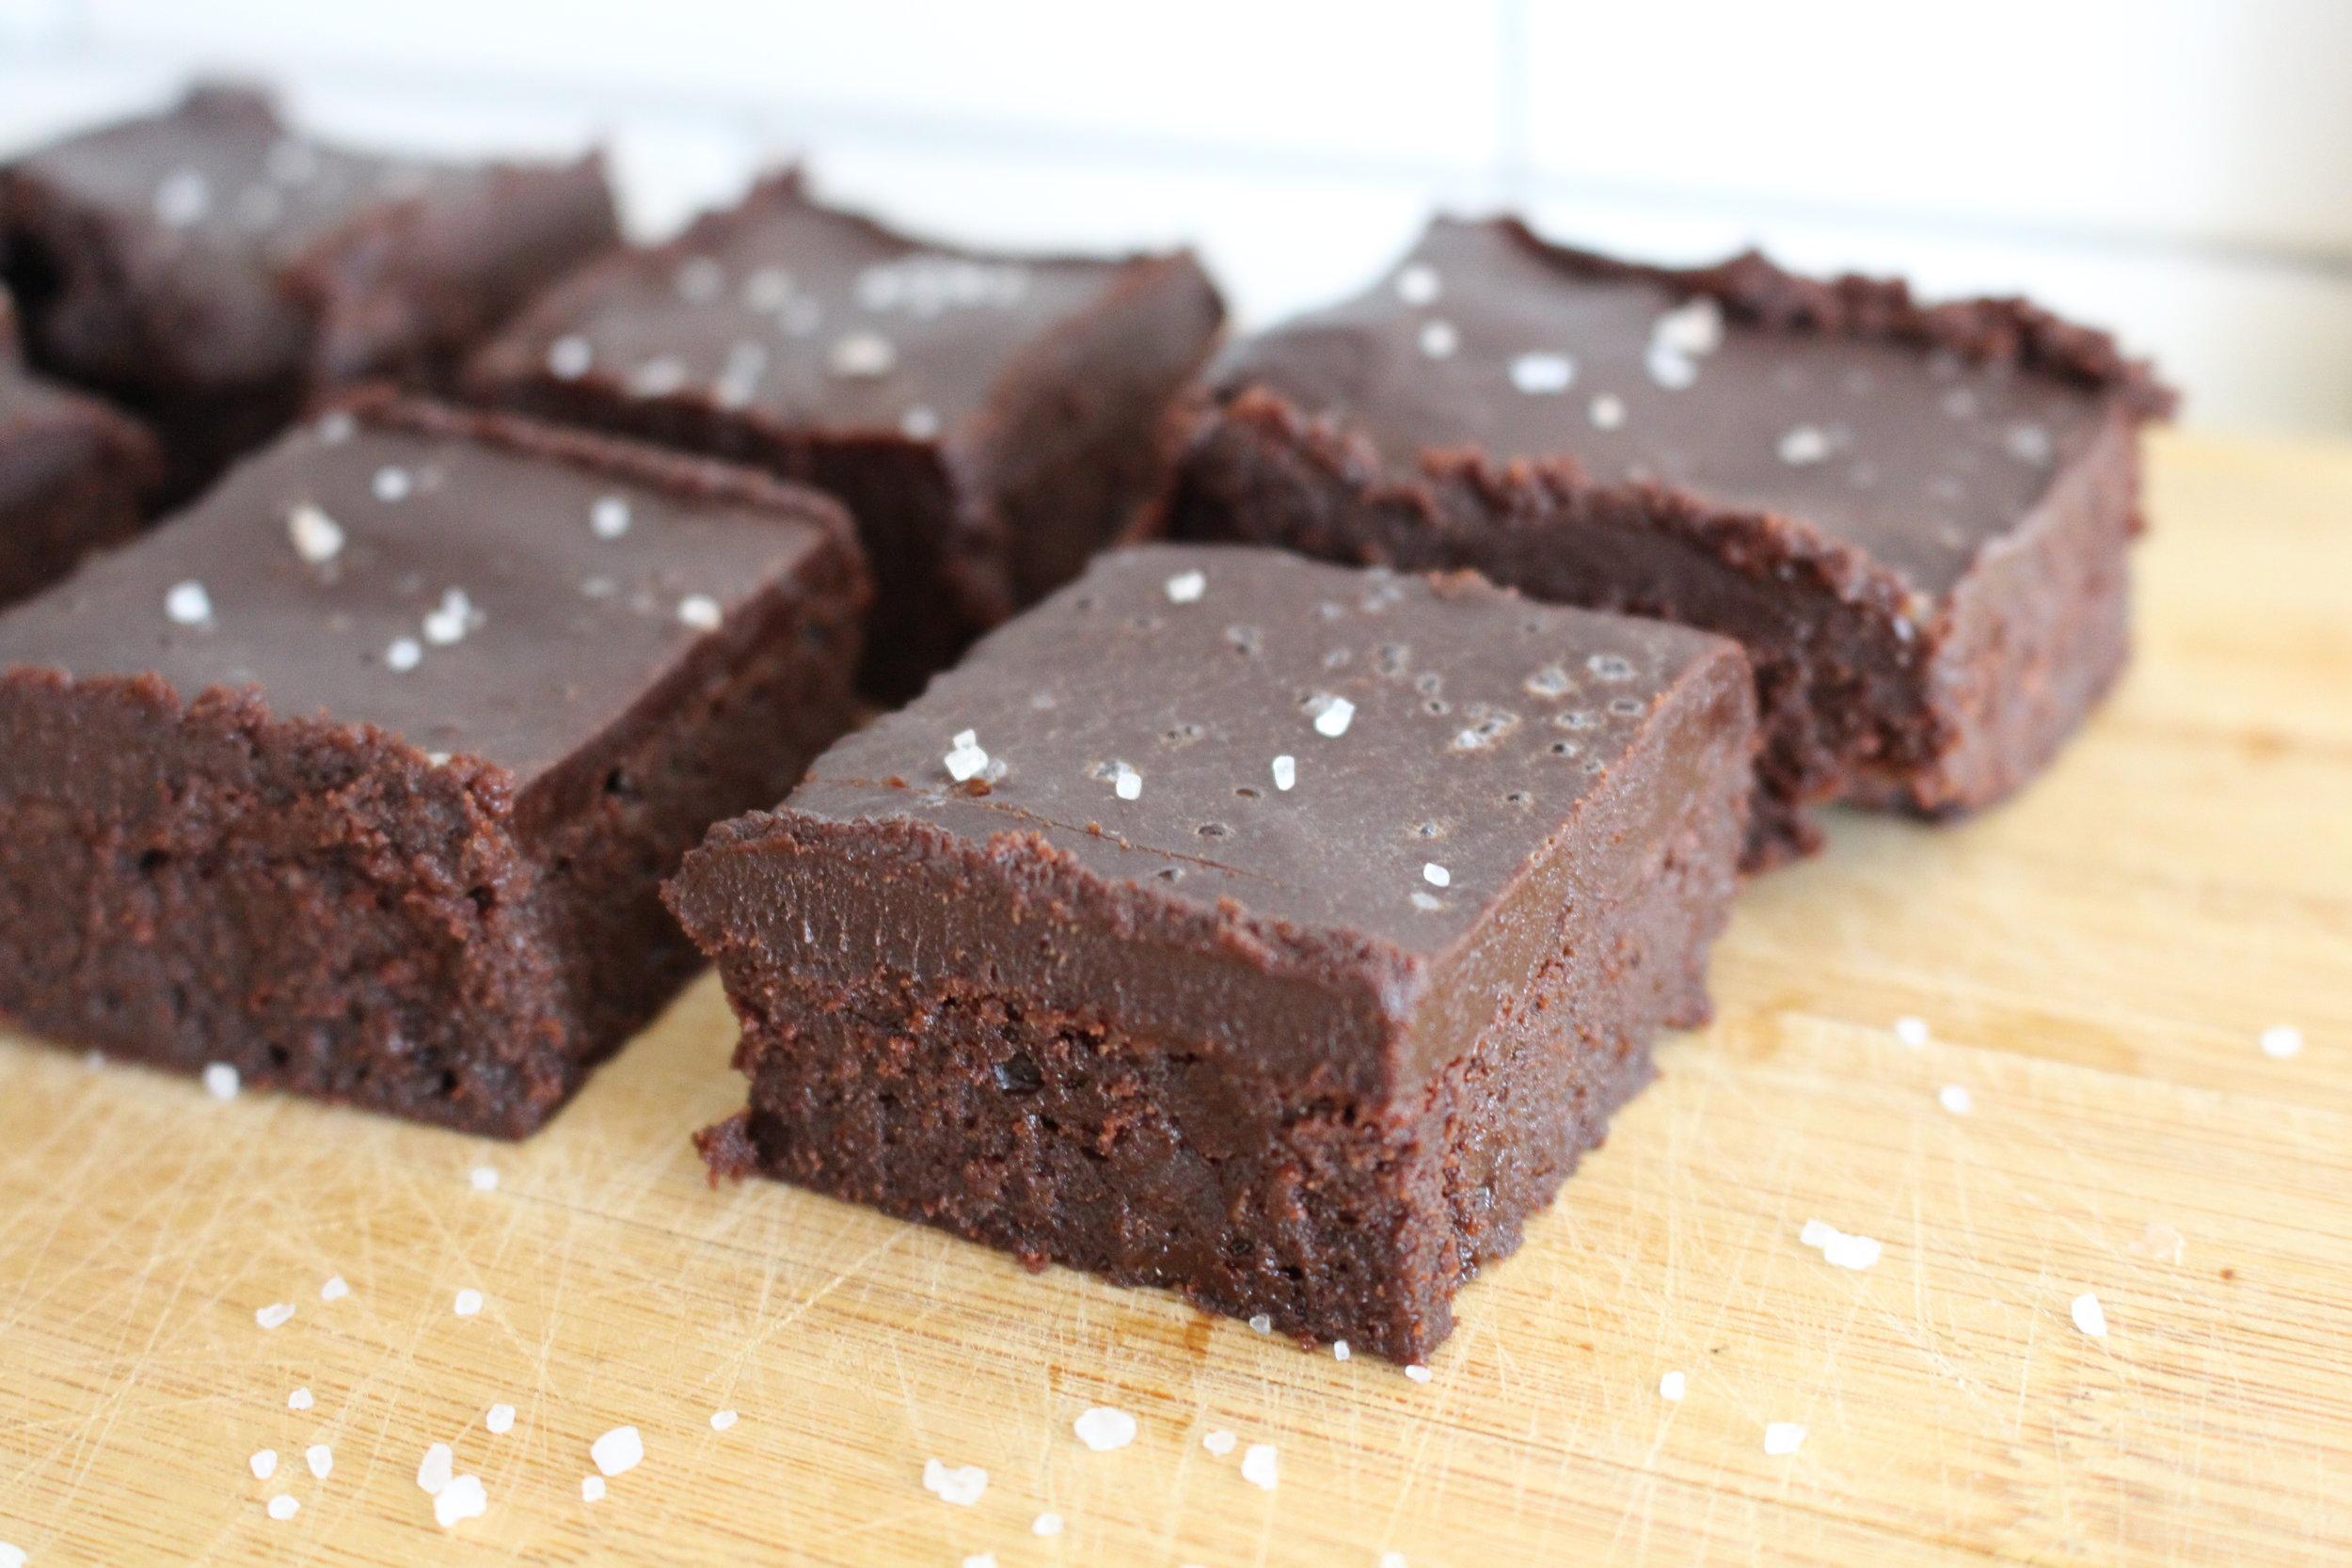 Flourless Chocolate Brownie with Sea Salt Ganache (GF)